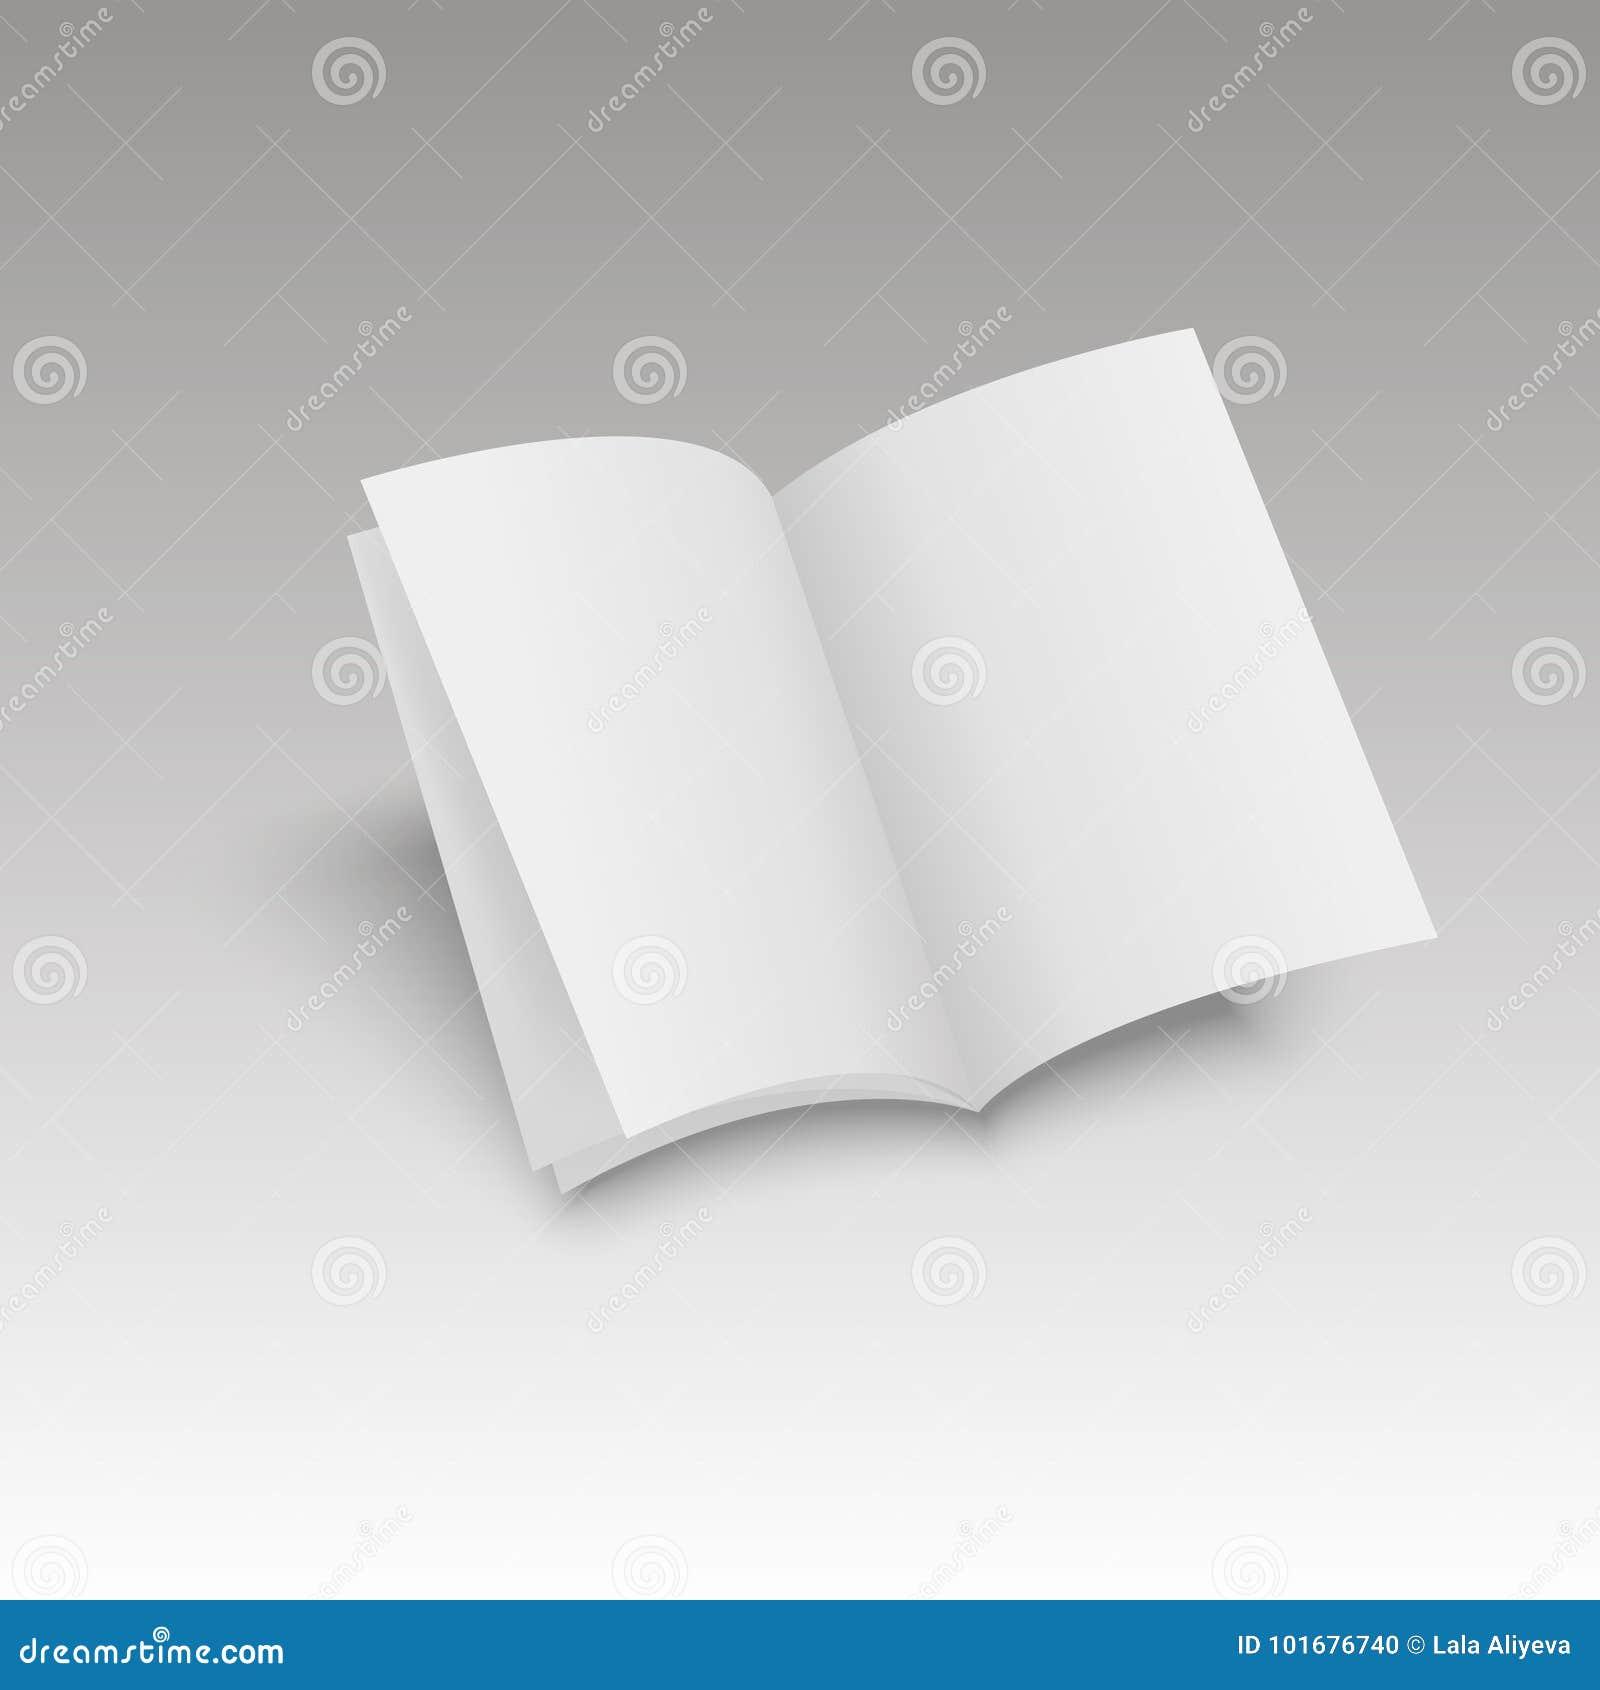 La Maquette A Ouvert Magazine Le Journal Livret Carte Postale Linsecte De Visite Professionnelle Ou Brochure